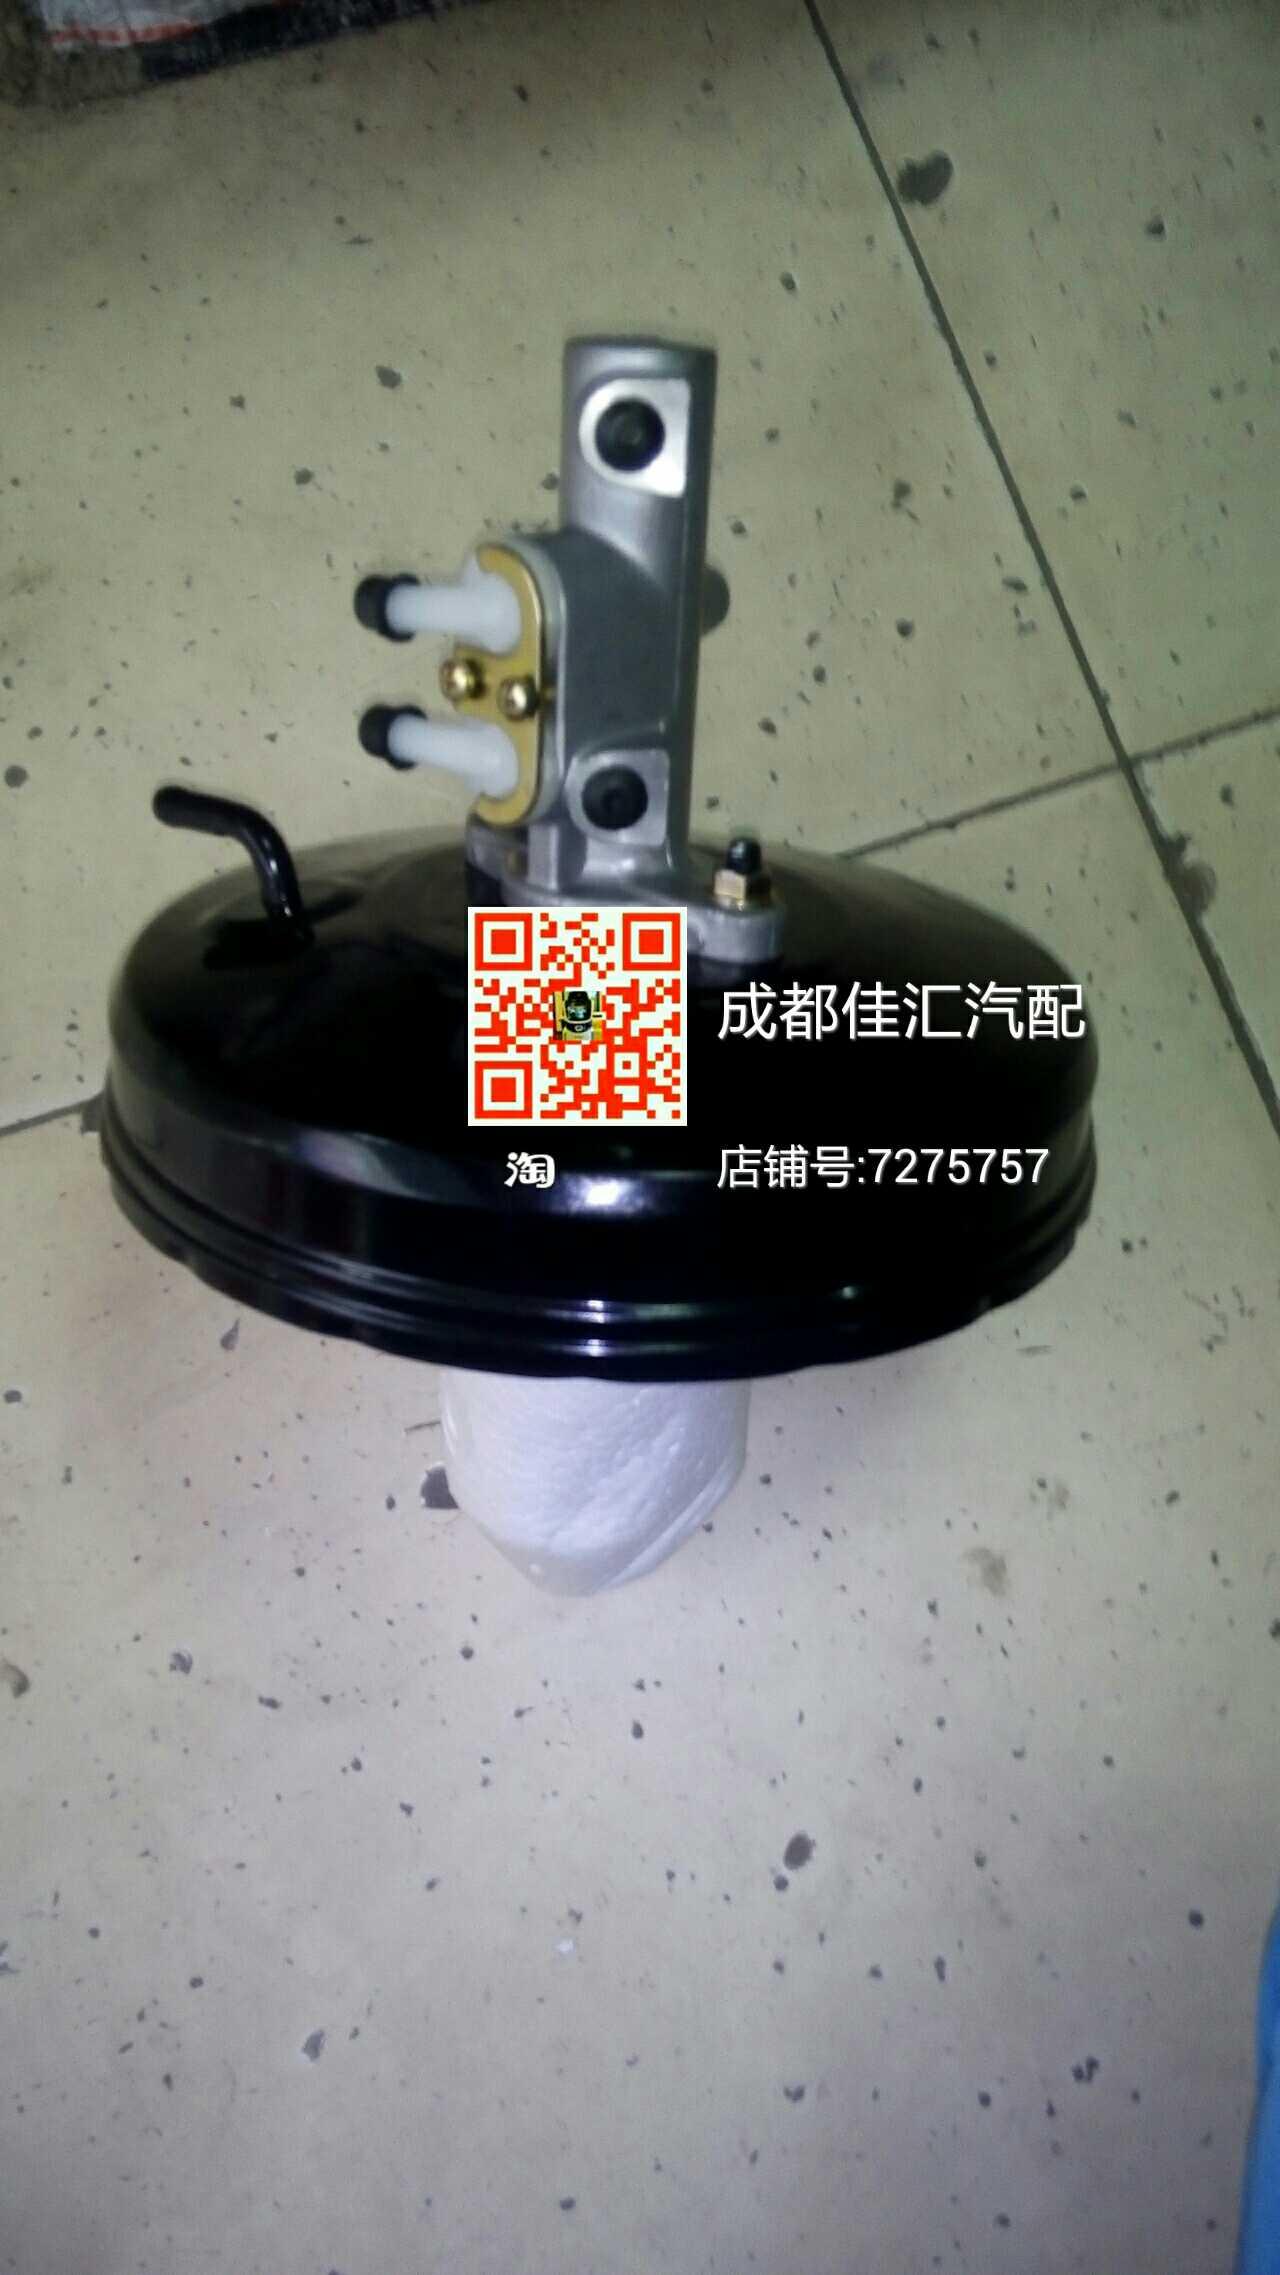 den ursprungliga fabriks chang 'an (diesel). pardosa vakuumpump församling 星豹 huvudcylindern med vakuum booster